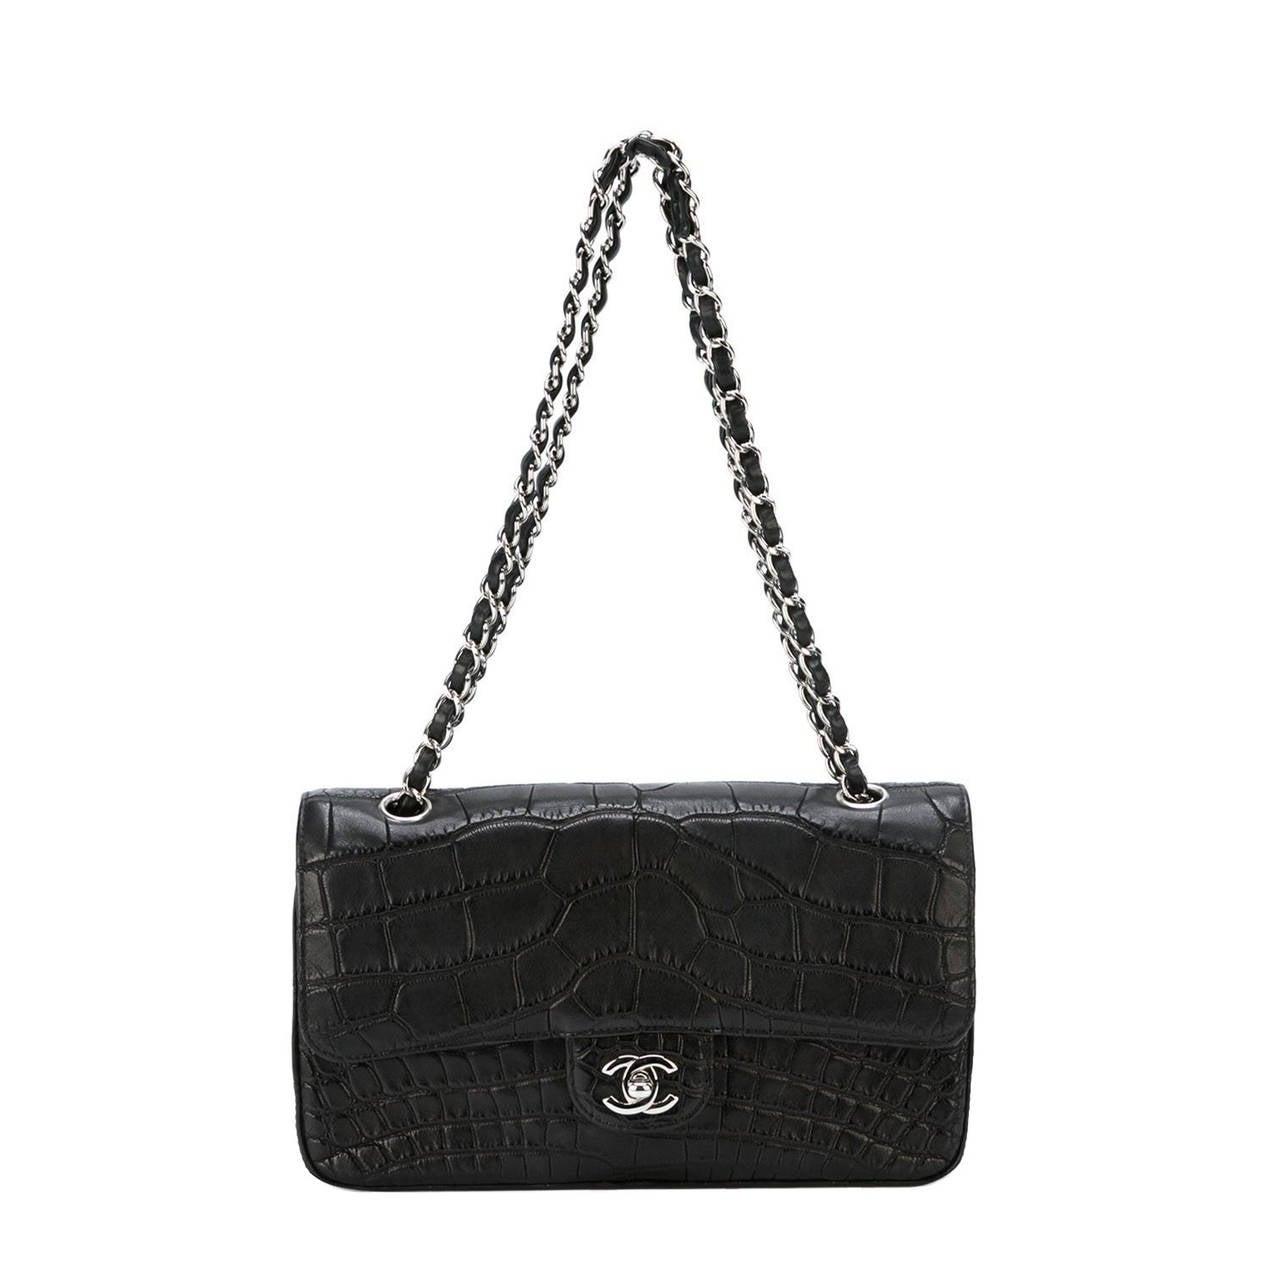 chanel black crocodile shoulder bag for sale at 1stdibs